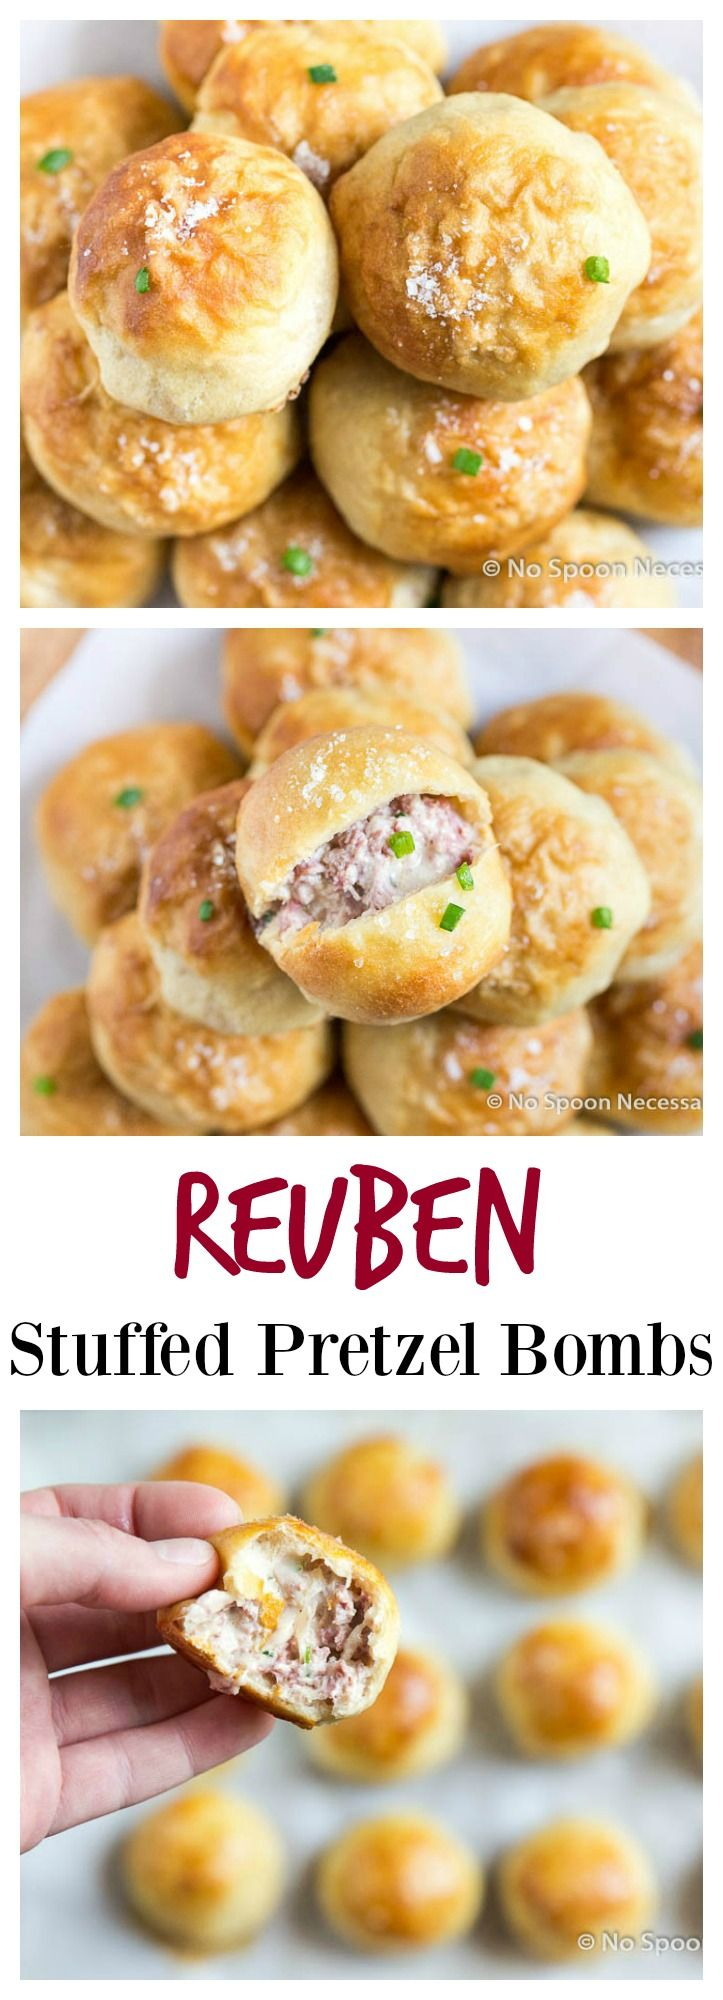 Reuben Stuffed Pretzel Bombs